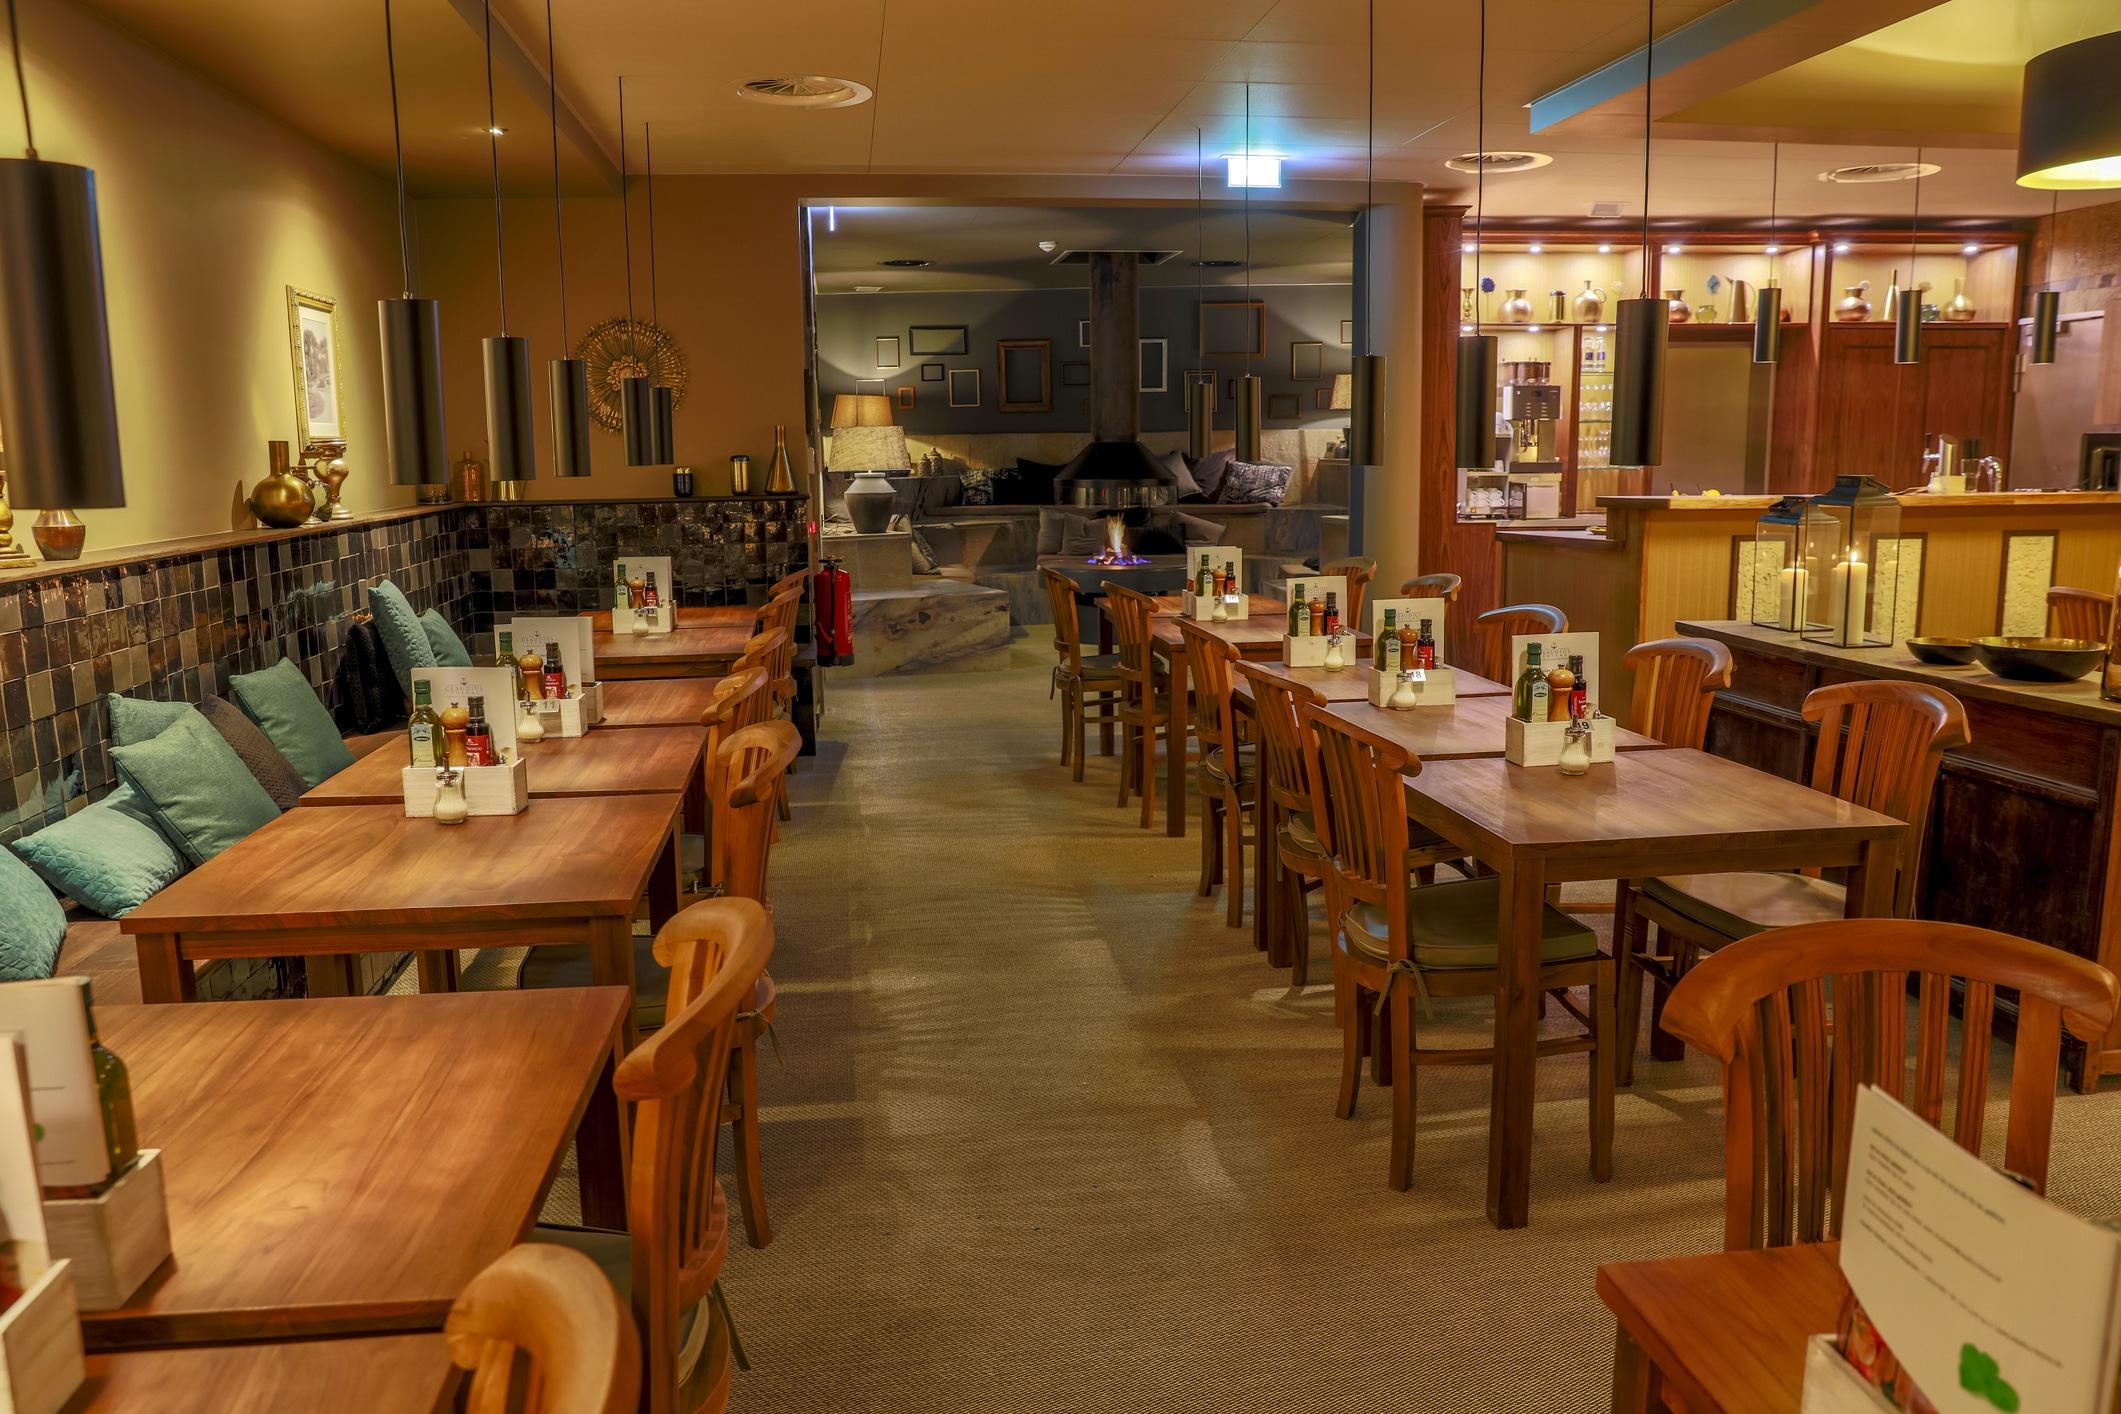 Restaurante vazio durante a pandemia de coronavírus